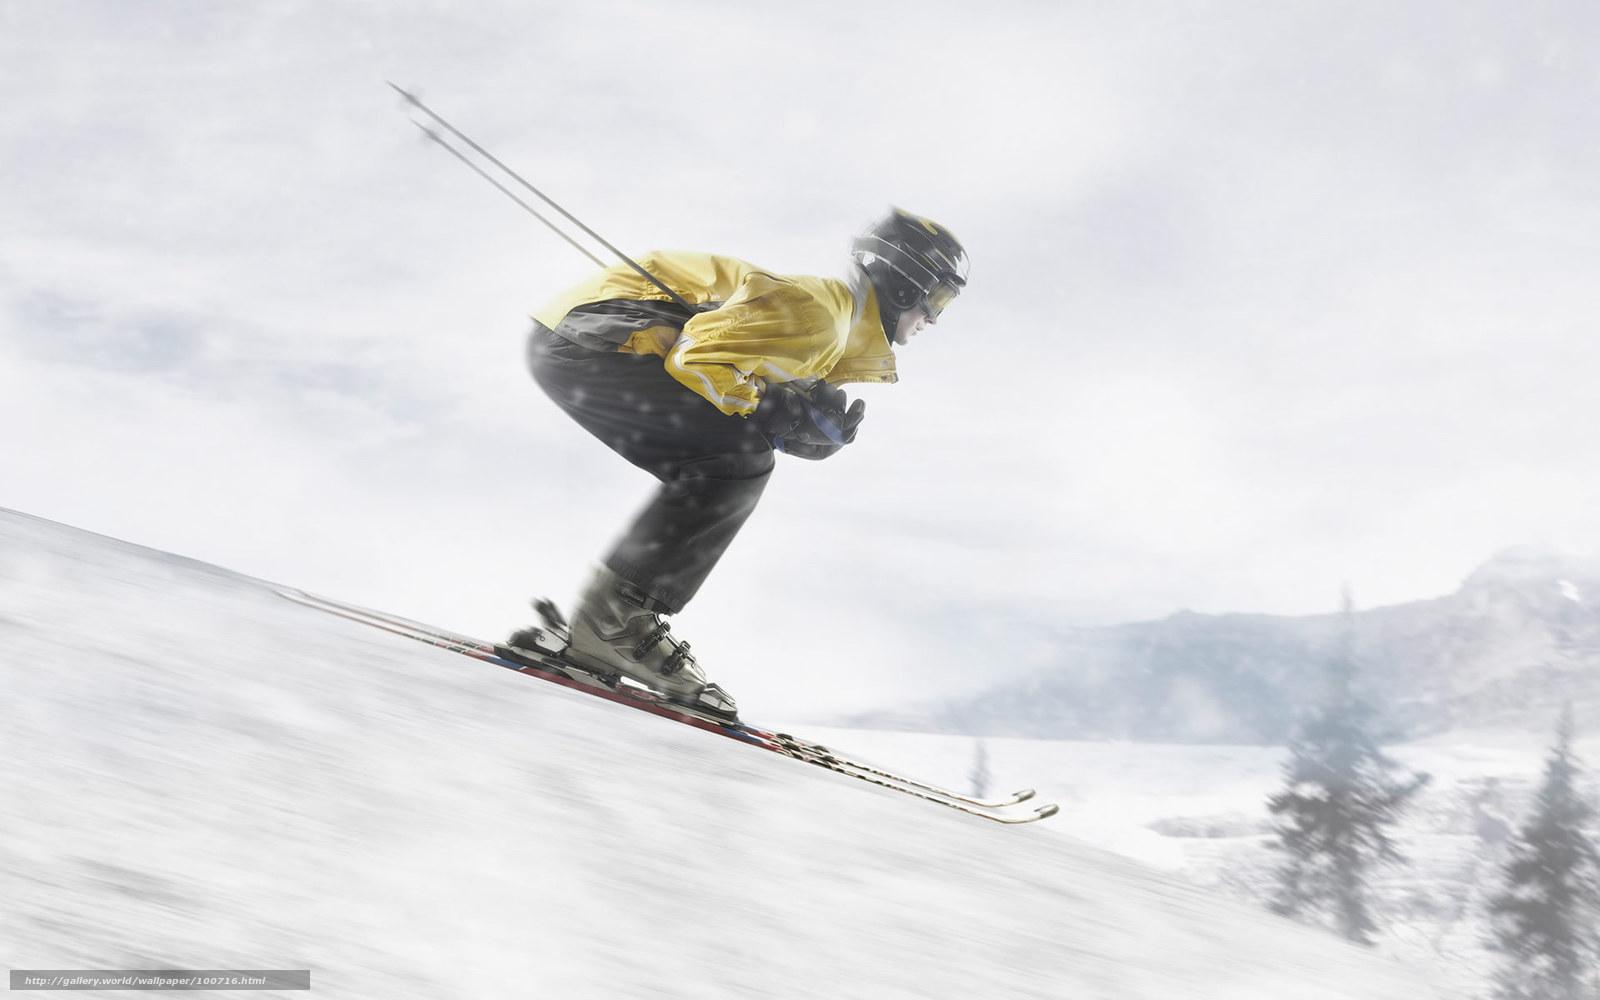 Скачать обои лыжи, спуск, снег бесплатно для рабочего стола в разрешении  1920x1200 — картинка №100716 0a727fce9f7